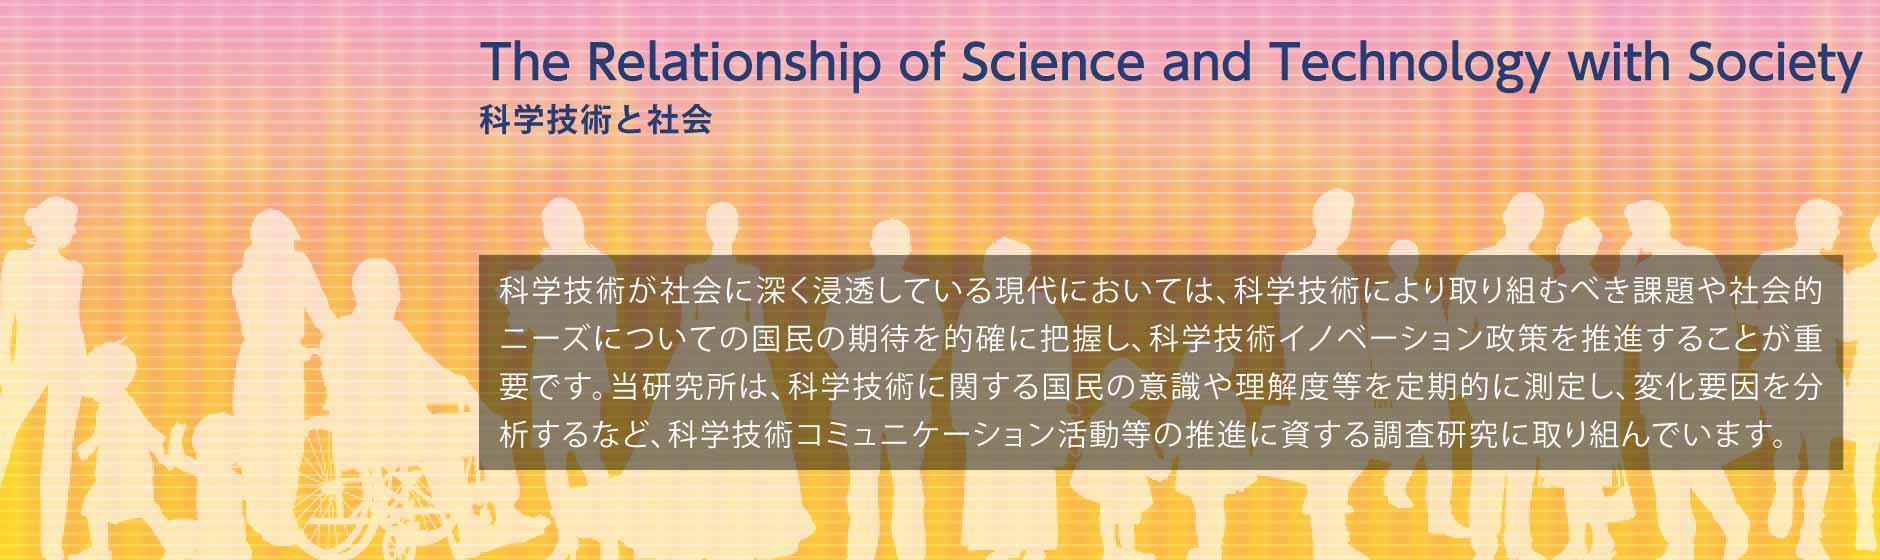 科学技術と社会